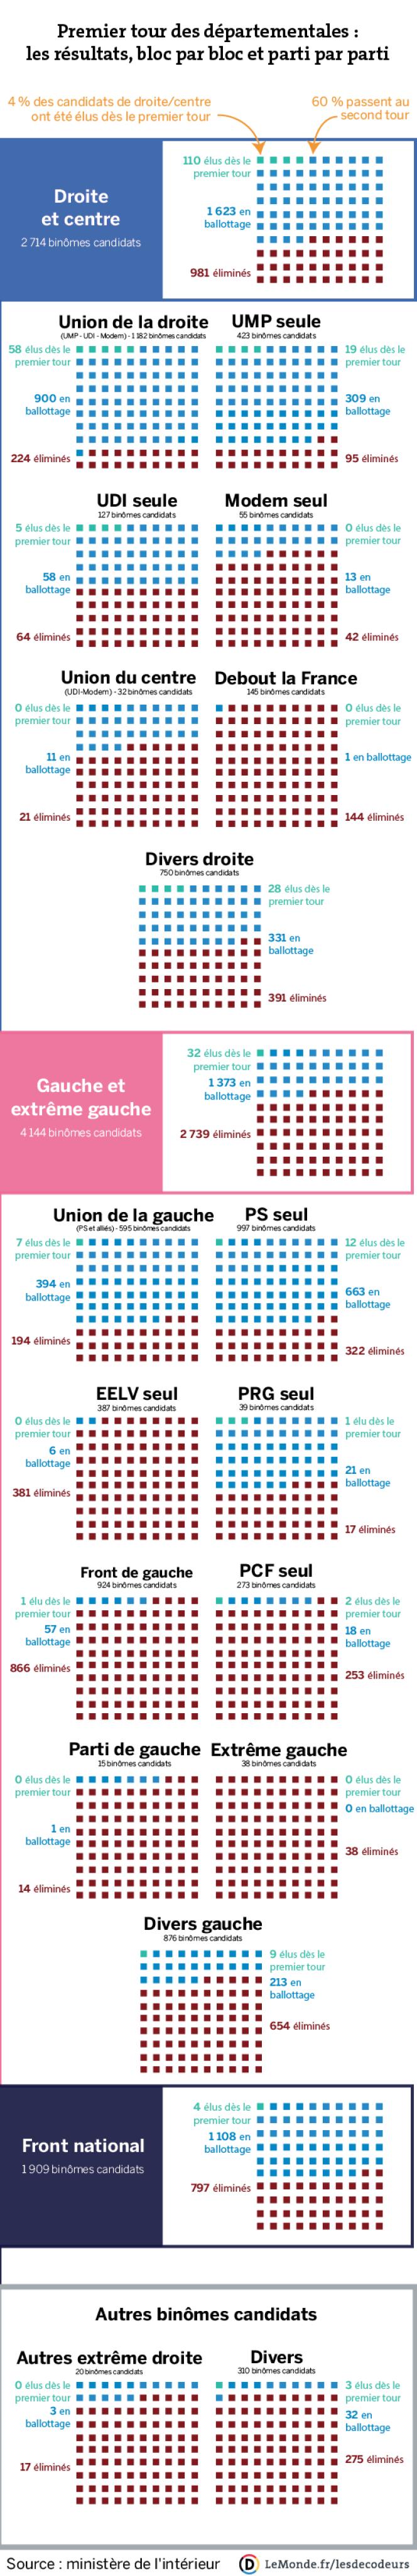 Premier tour des départementales : les résultats, bloc par bloc et parti par parti.